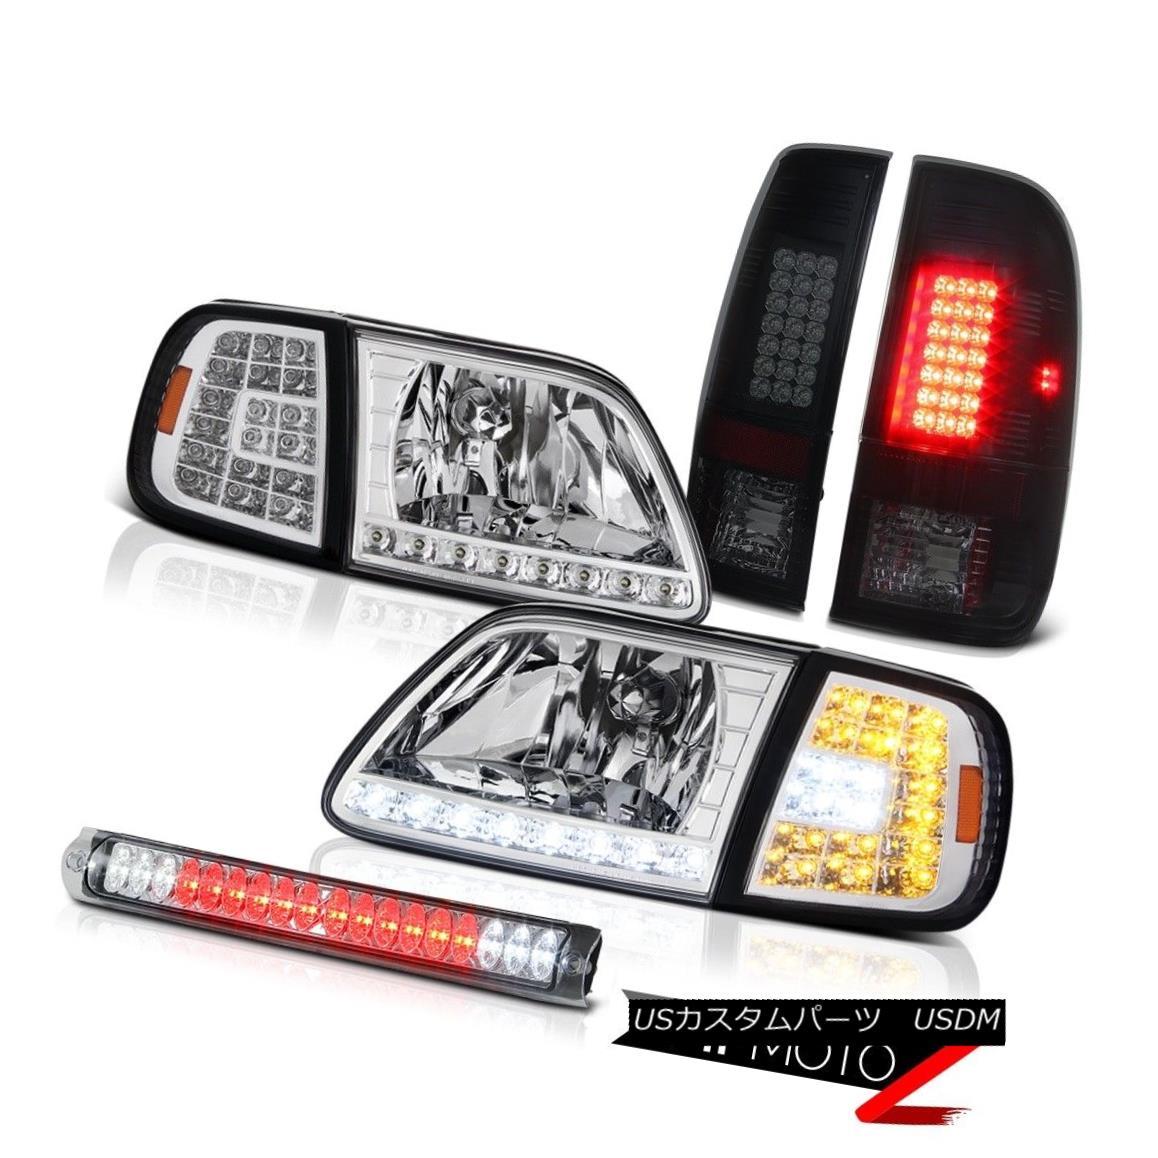 ヘッドライト 97-03 F150 King Ranch LED Signal Headlamps Sinister Black Tail Light Roof Brake 97-03 F150キングランチLED信号ヘッドランプ不快なブラックテールライトルーフブレーキ